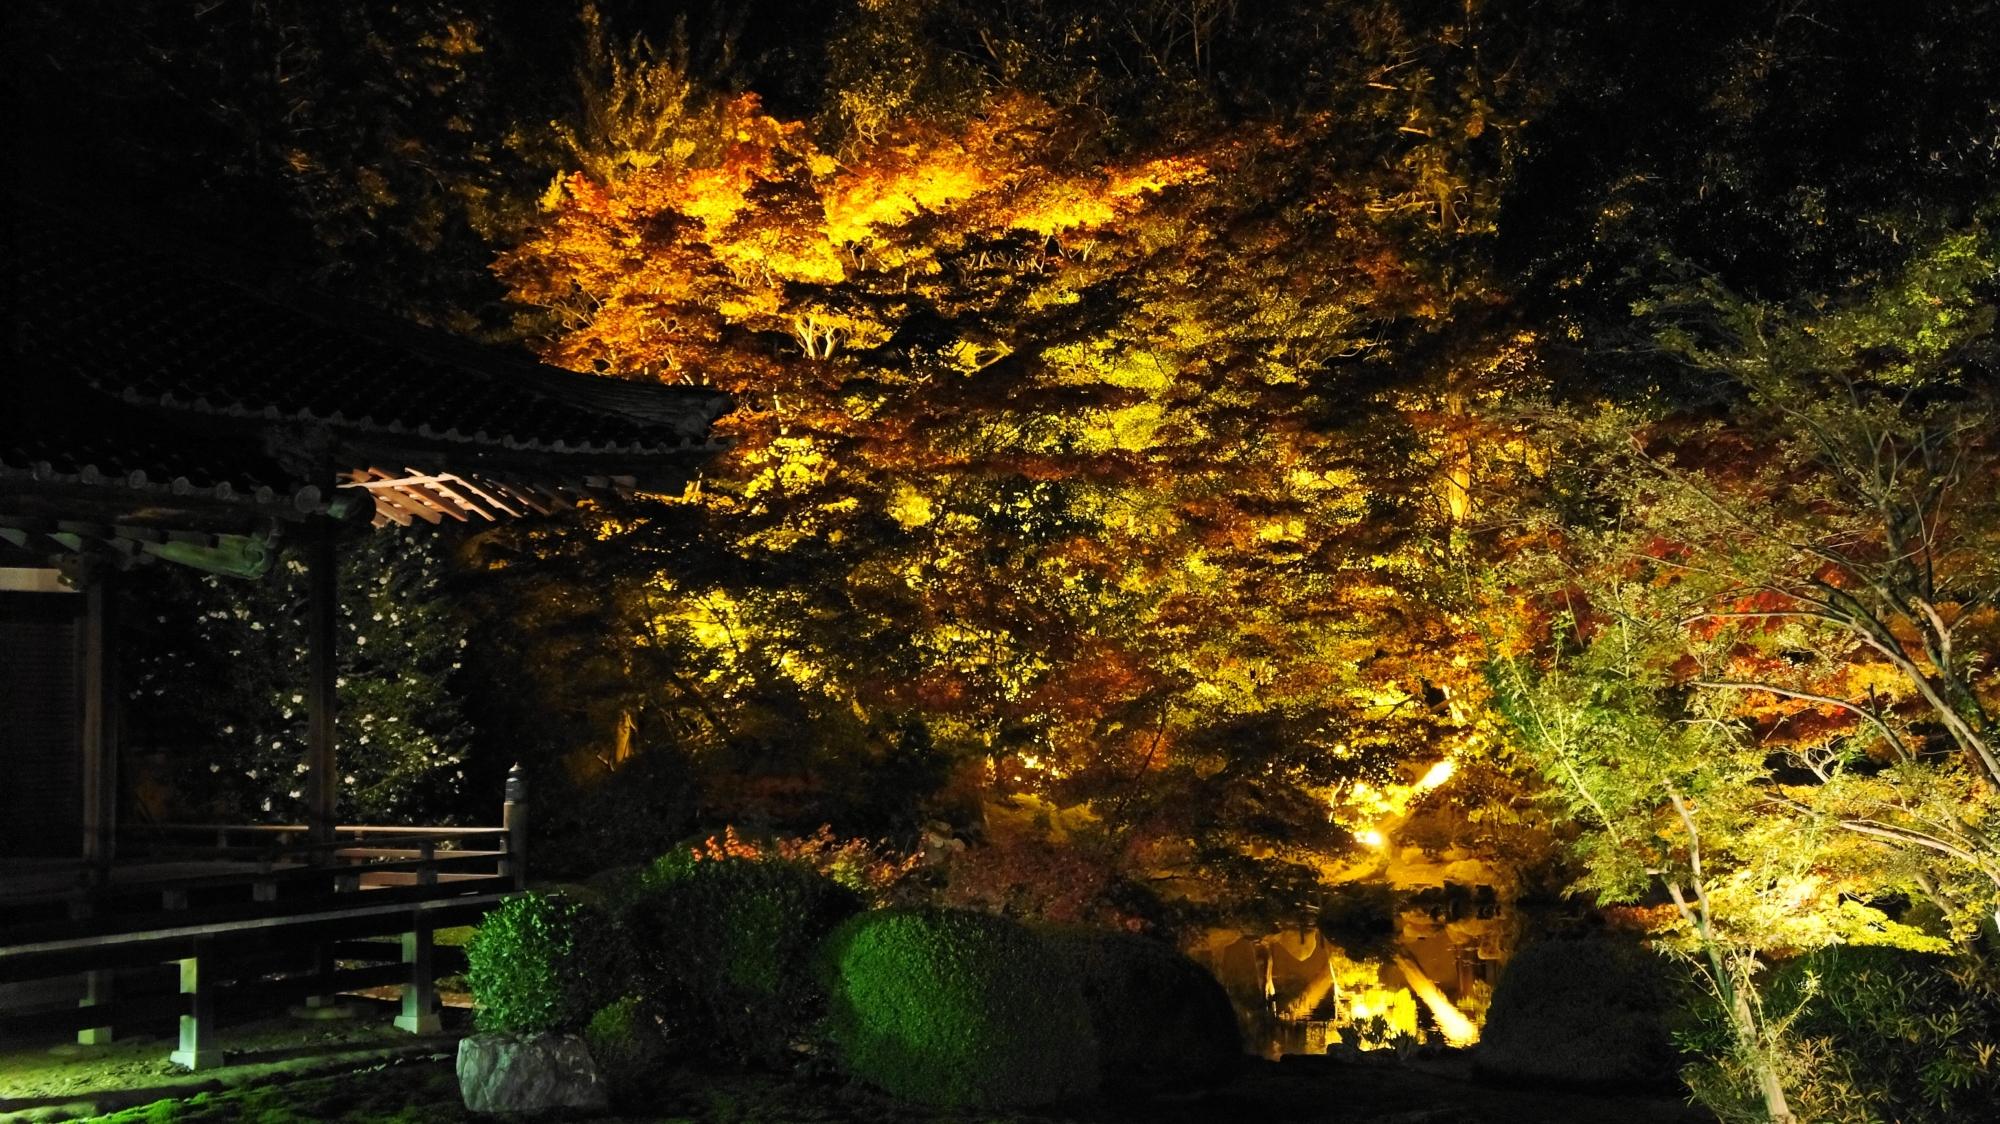 暗闇の中で浮かび上がる優雅な紅葉